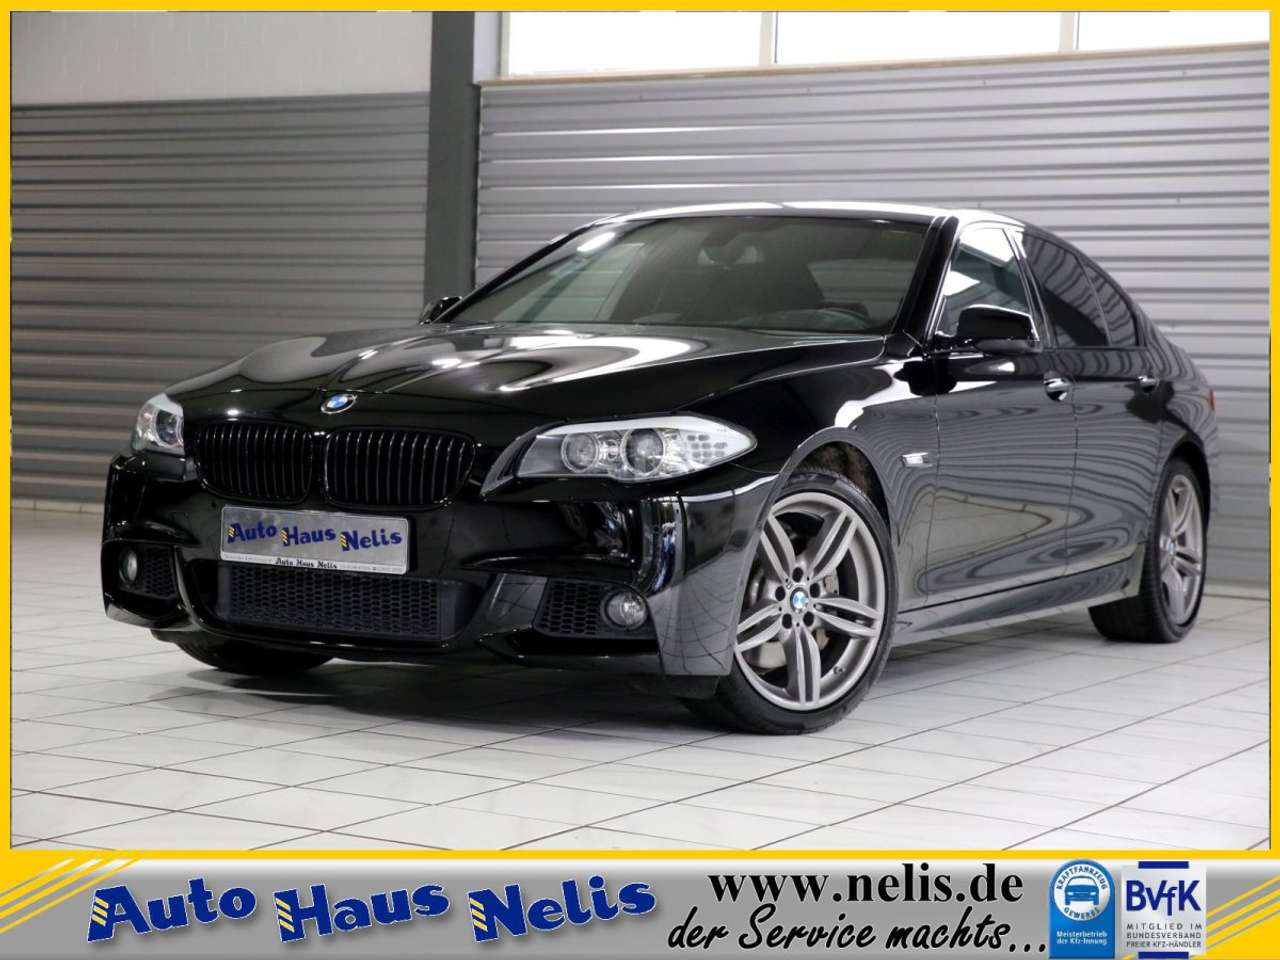 Autos nach BMW B3